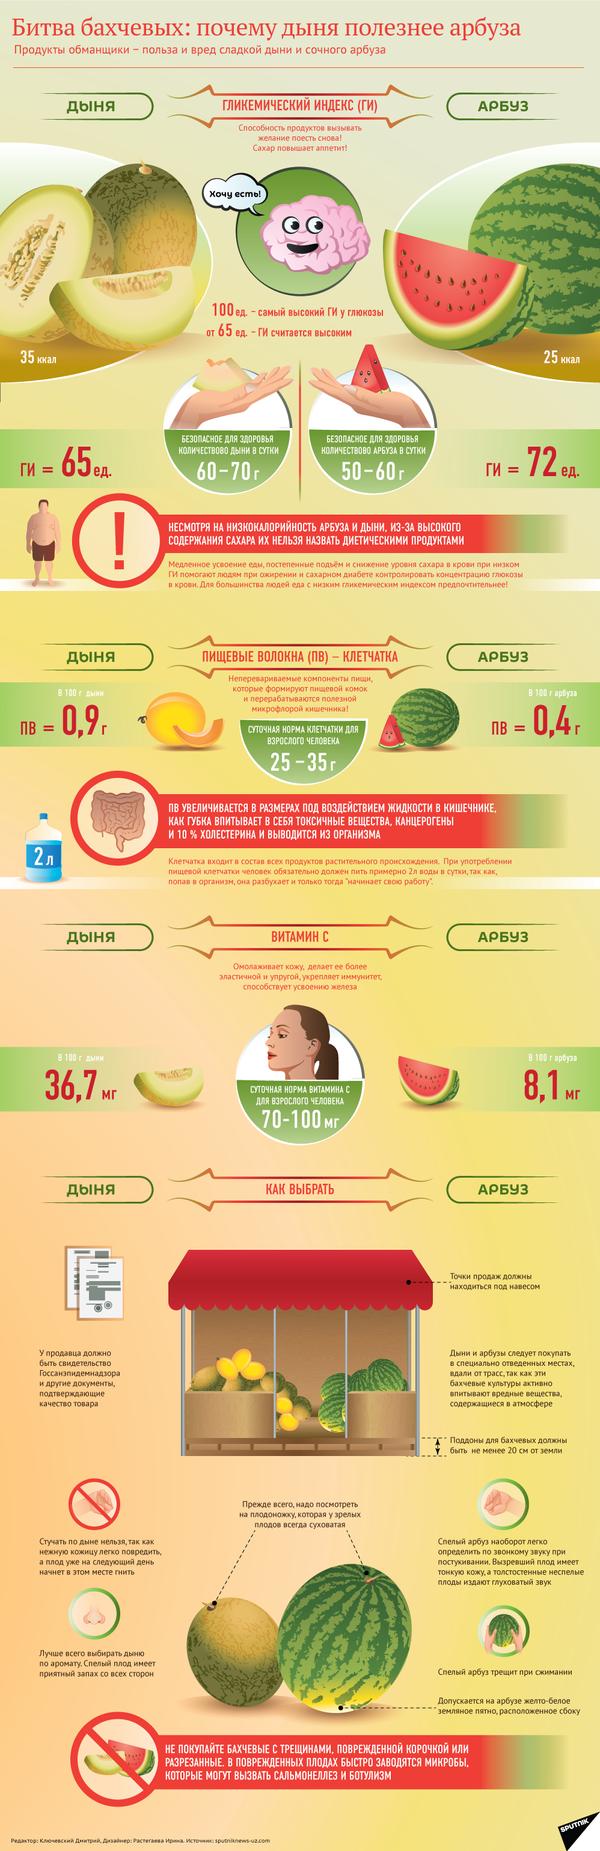 Дыня или арбуз: что полезней? - инфографика на sputnik.by - Sputnik Абхазия